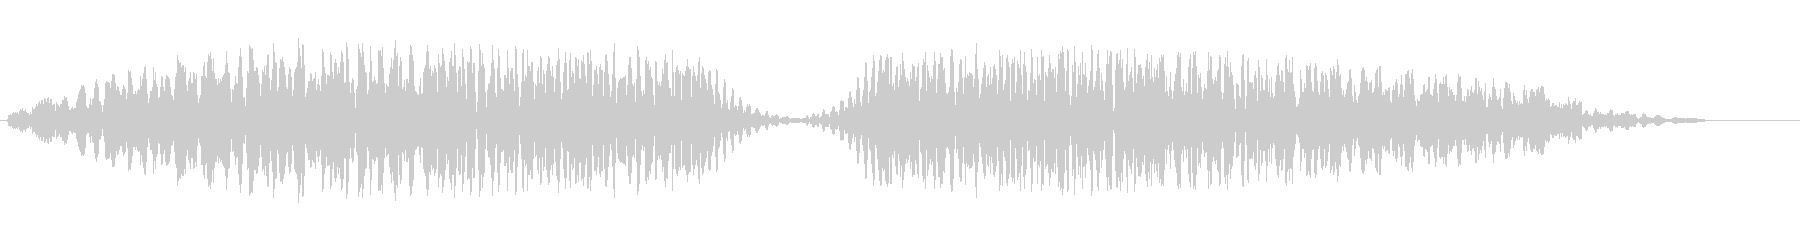 ドュルルードュルル(不思議なビームの音)の未再生の波形